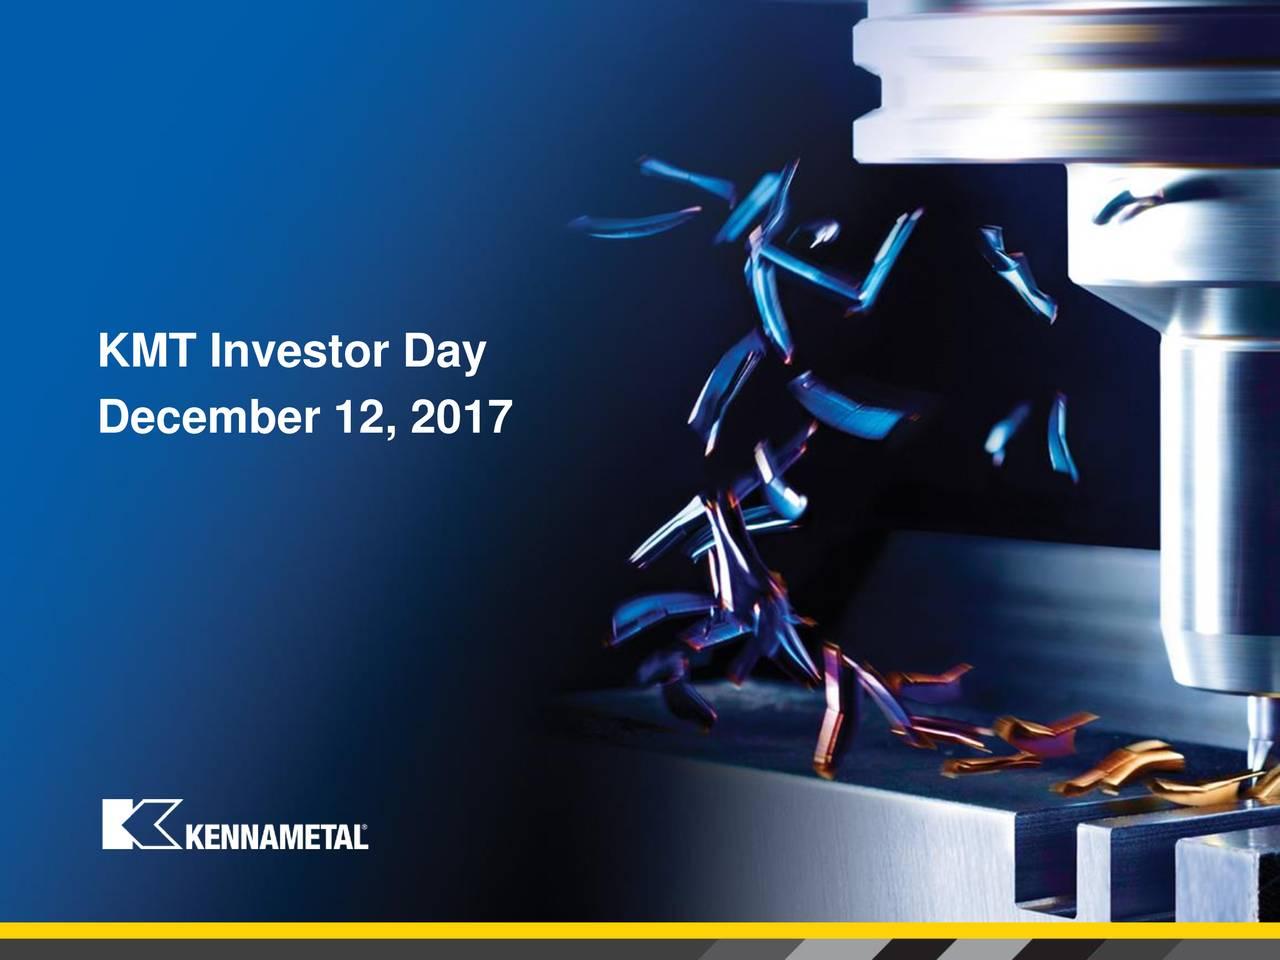 KMT Investor Day